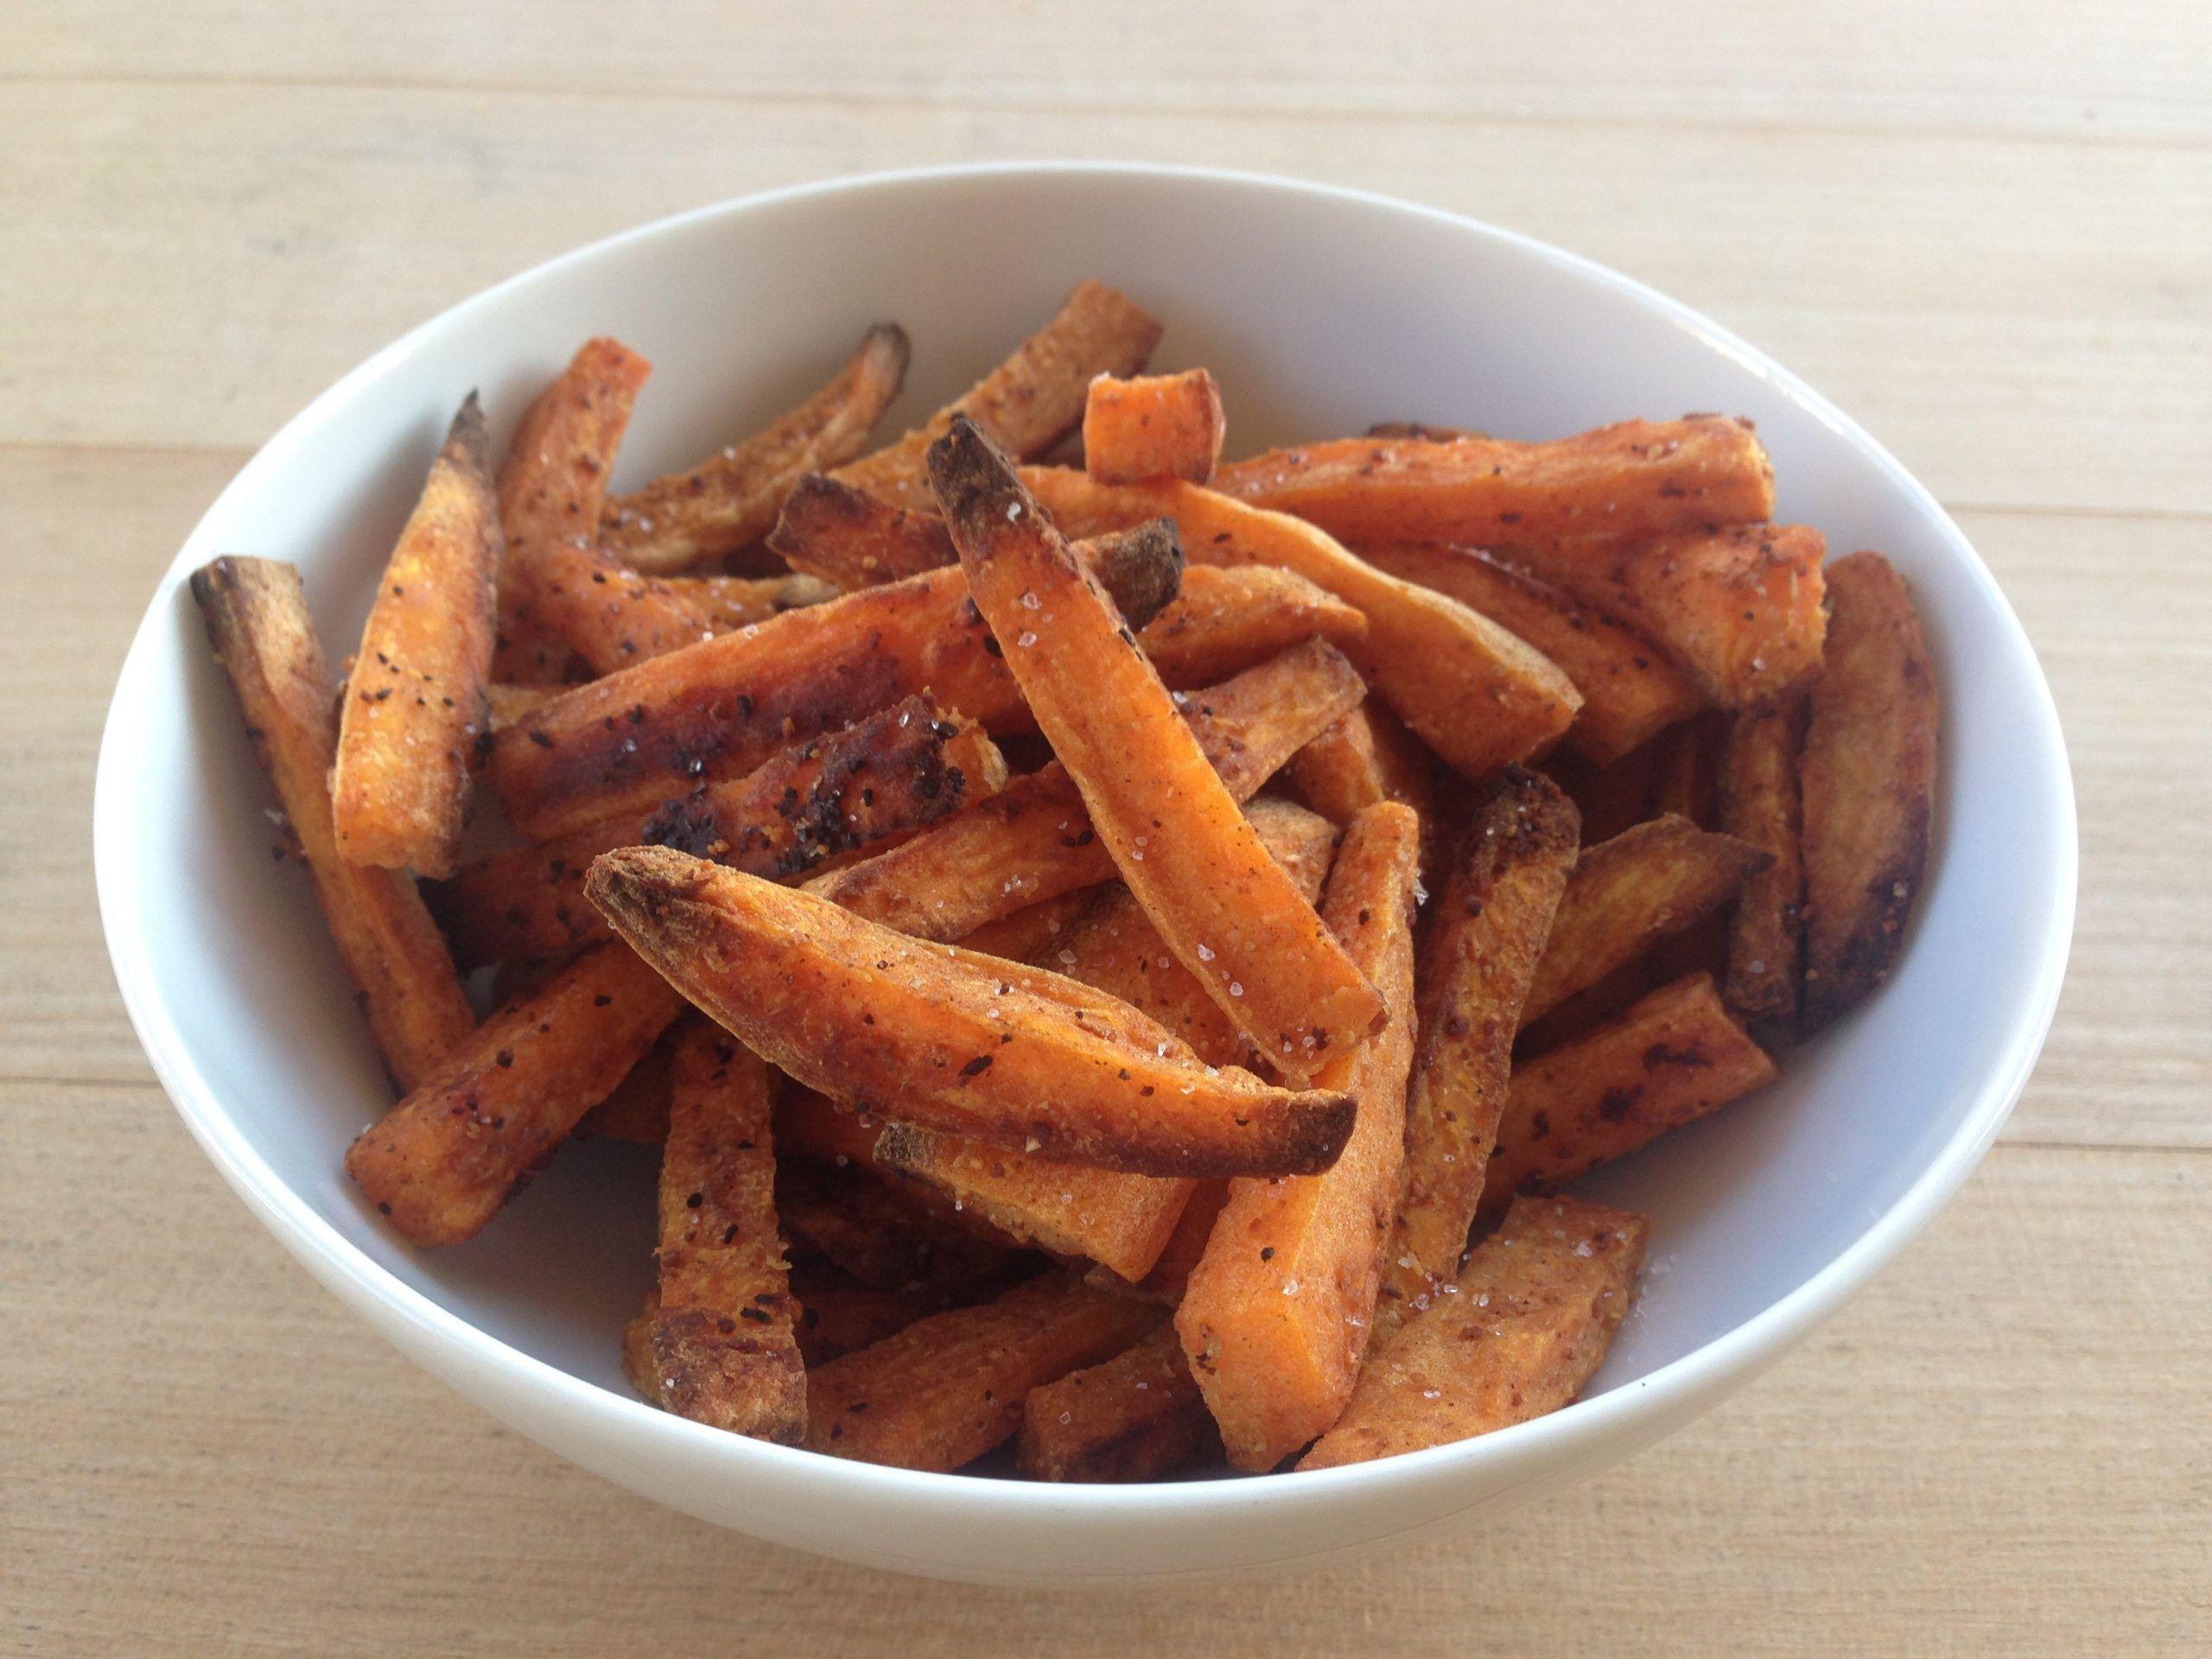 Süsskartoffel-Pommes aus dem Backofen